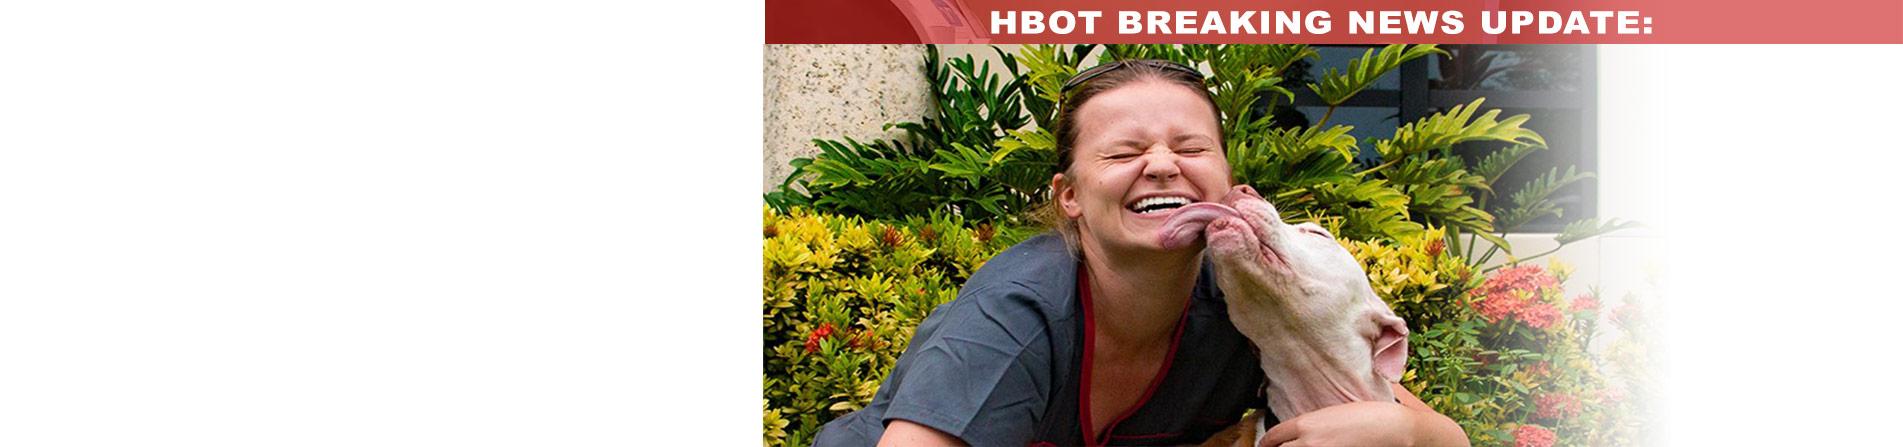 HBOT Breaking News